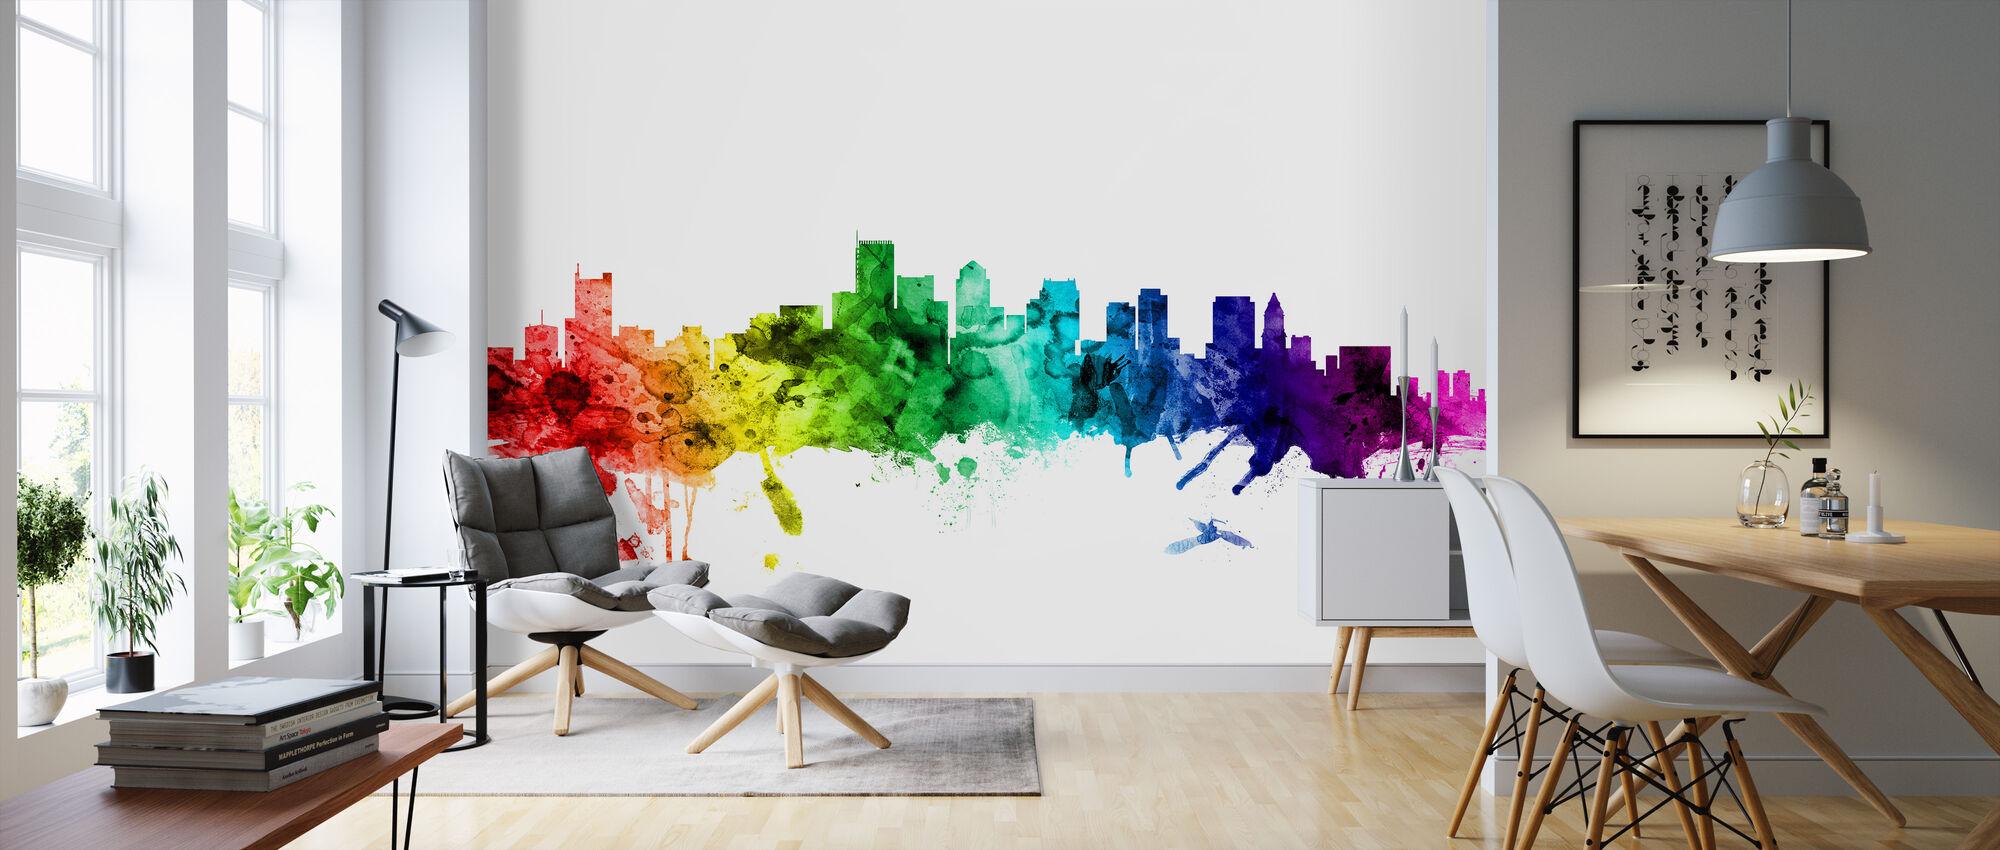 Boston Massachusetts Skyline Rainbow - Wallpaper - Living Room